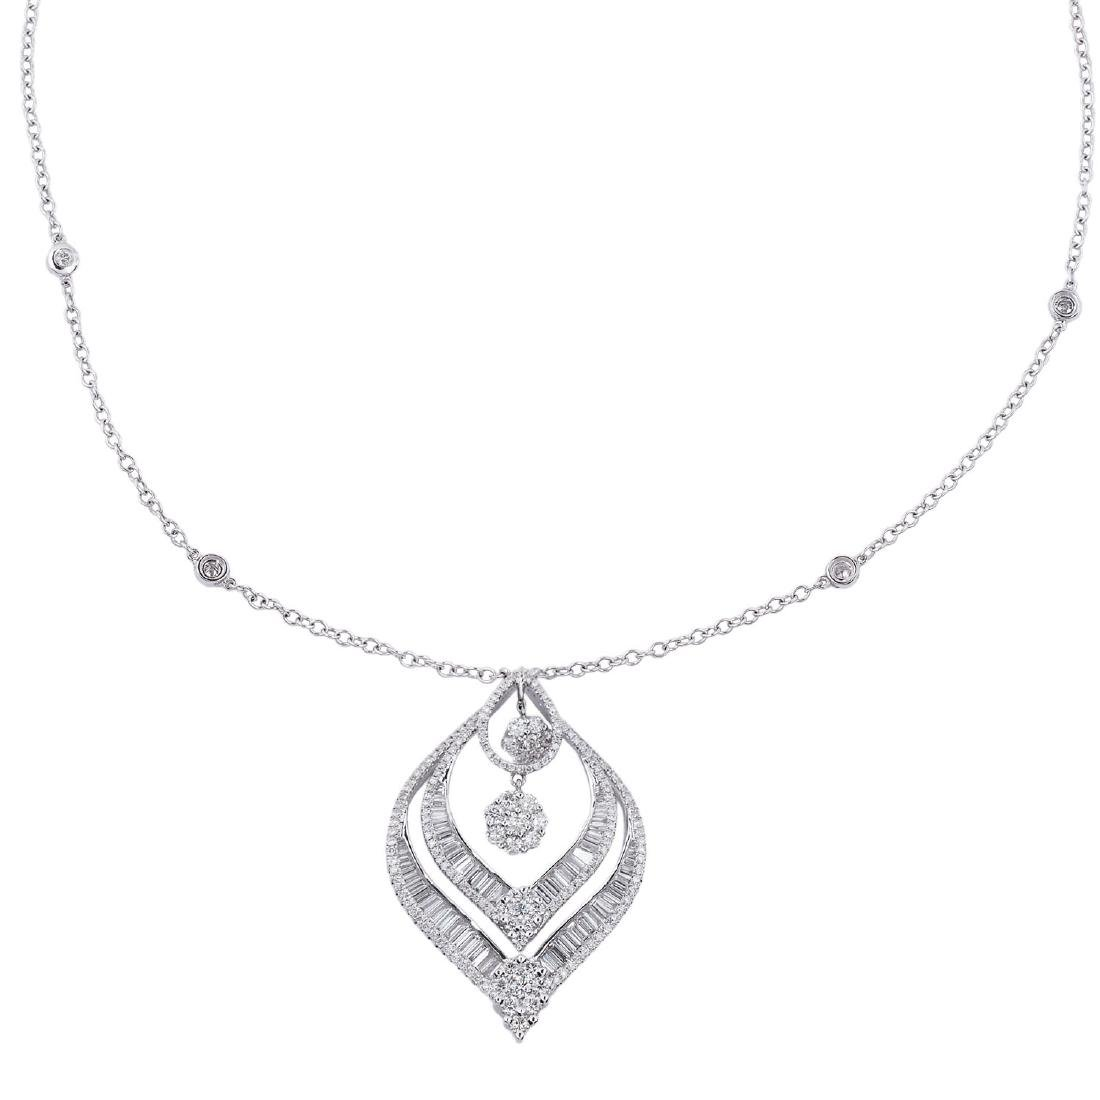 A leaf pendant diamond necklace